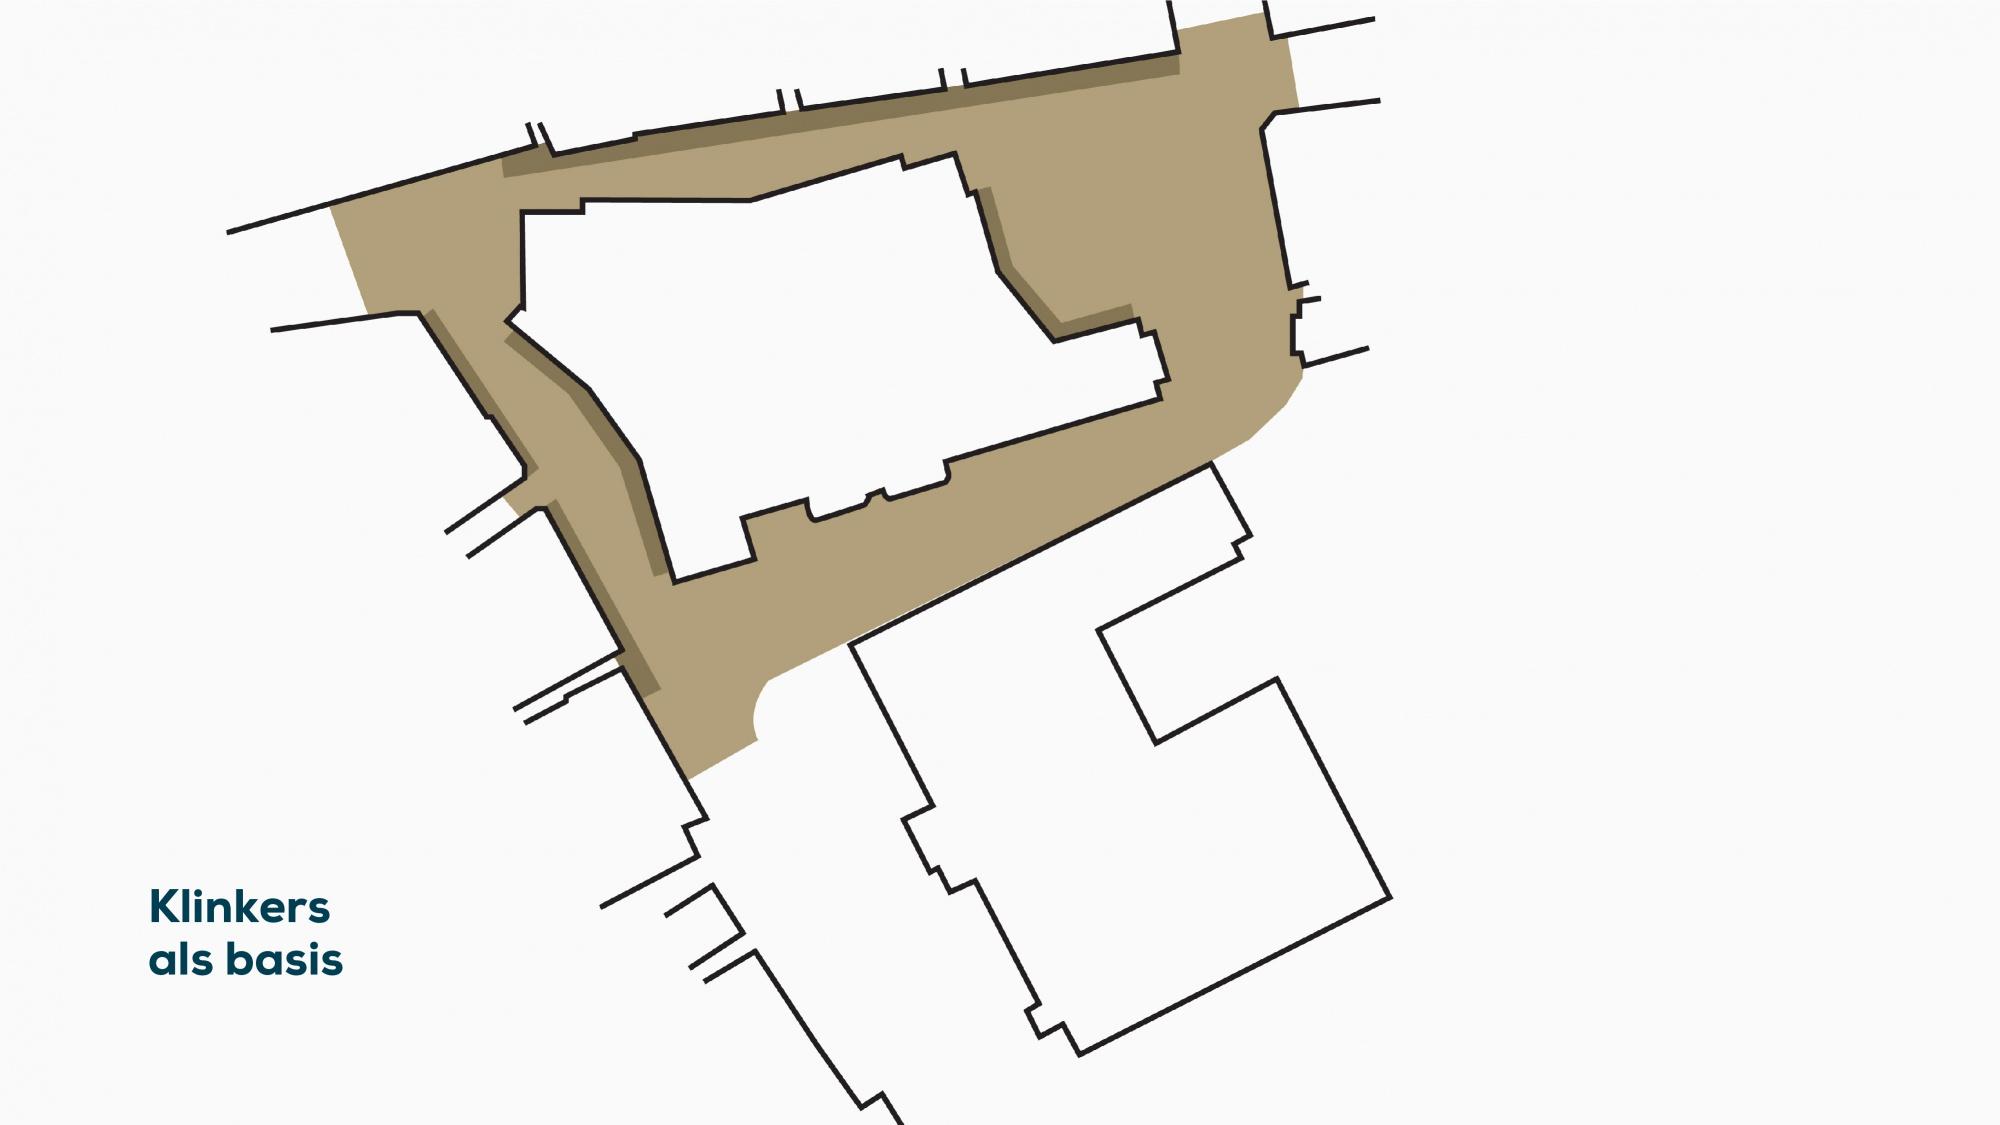 plattegrond 2 klinkers als basis